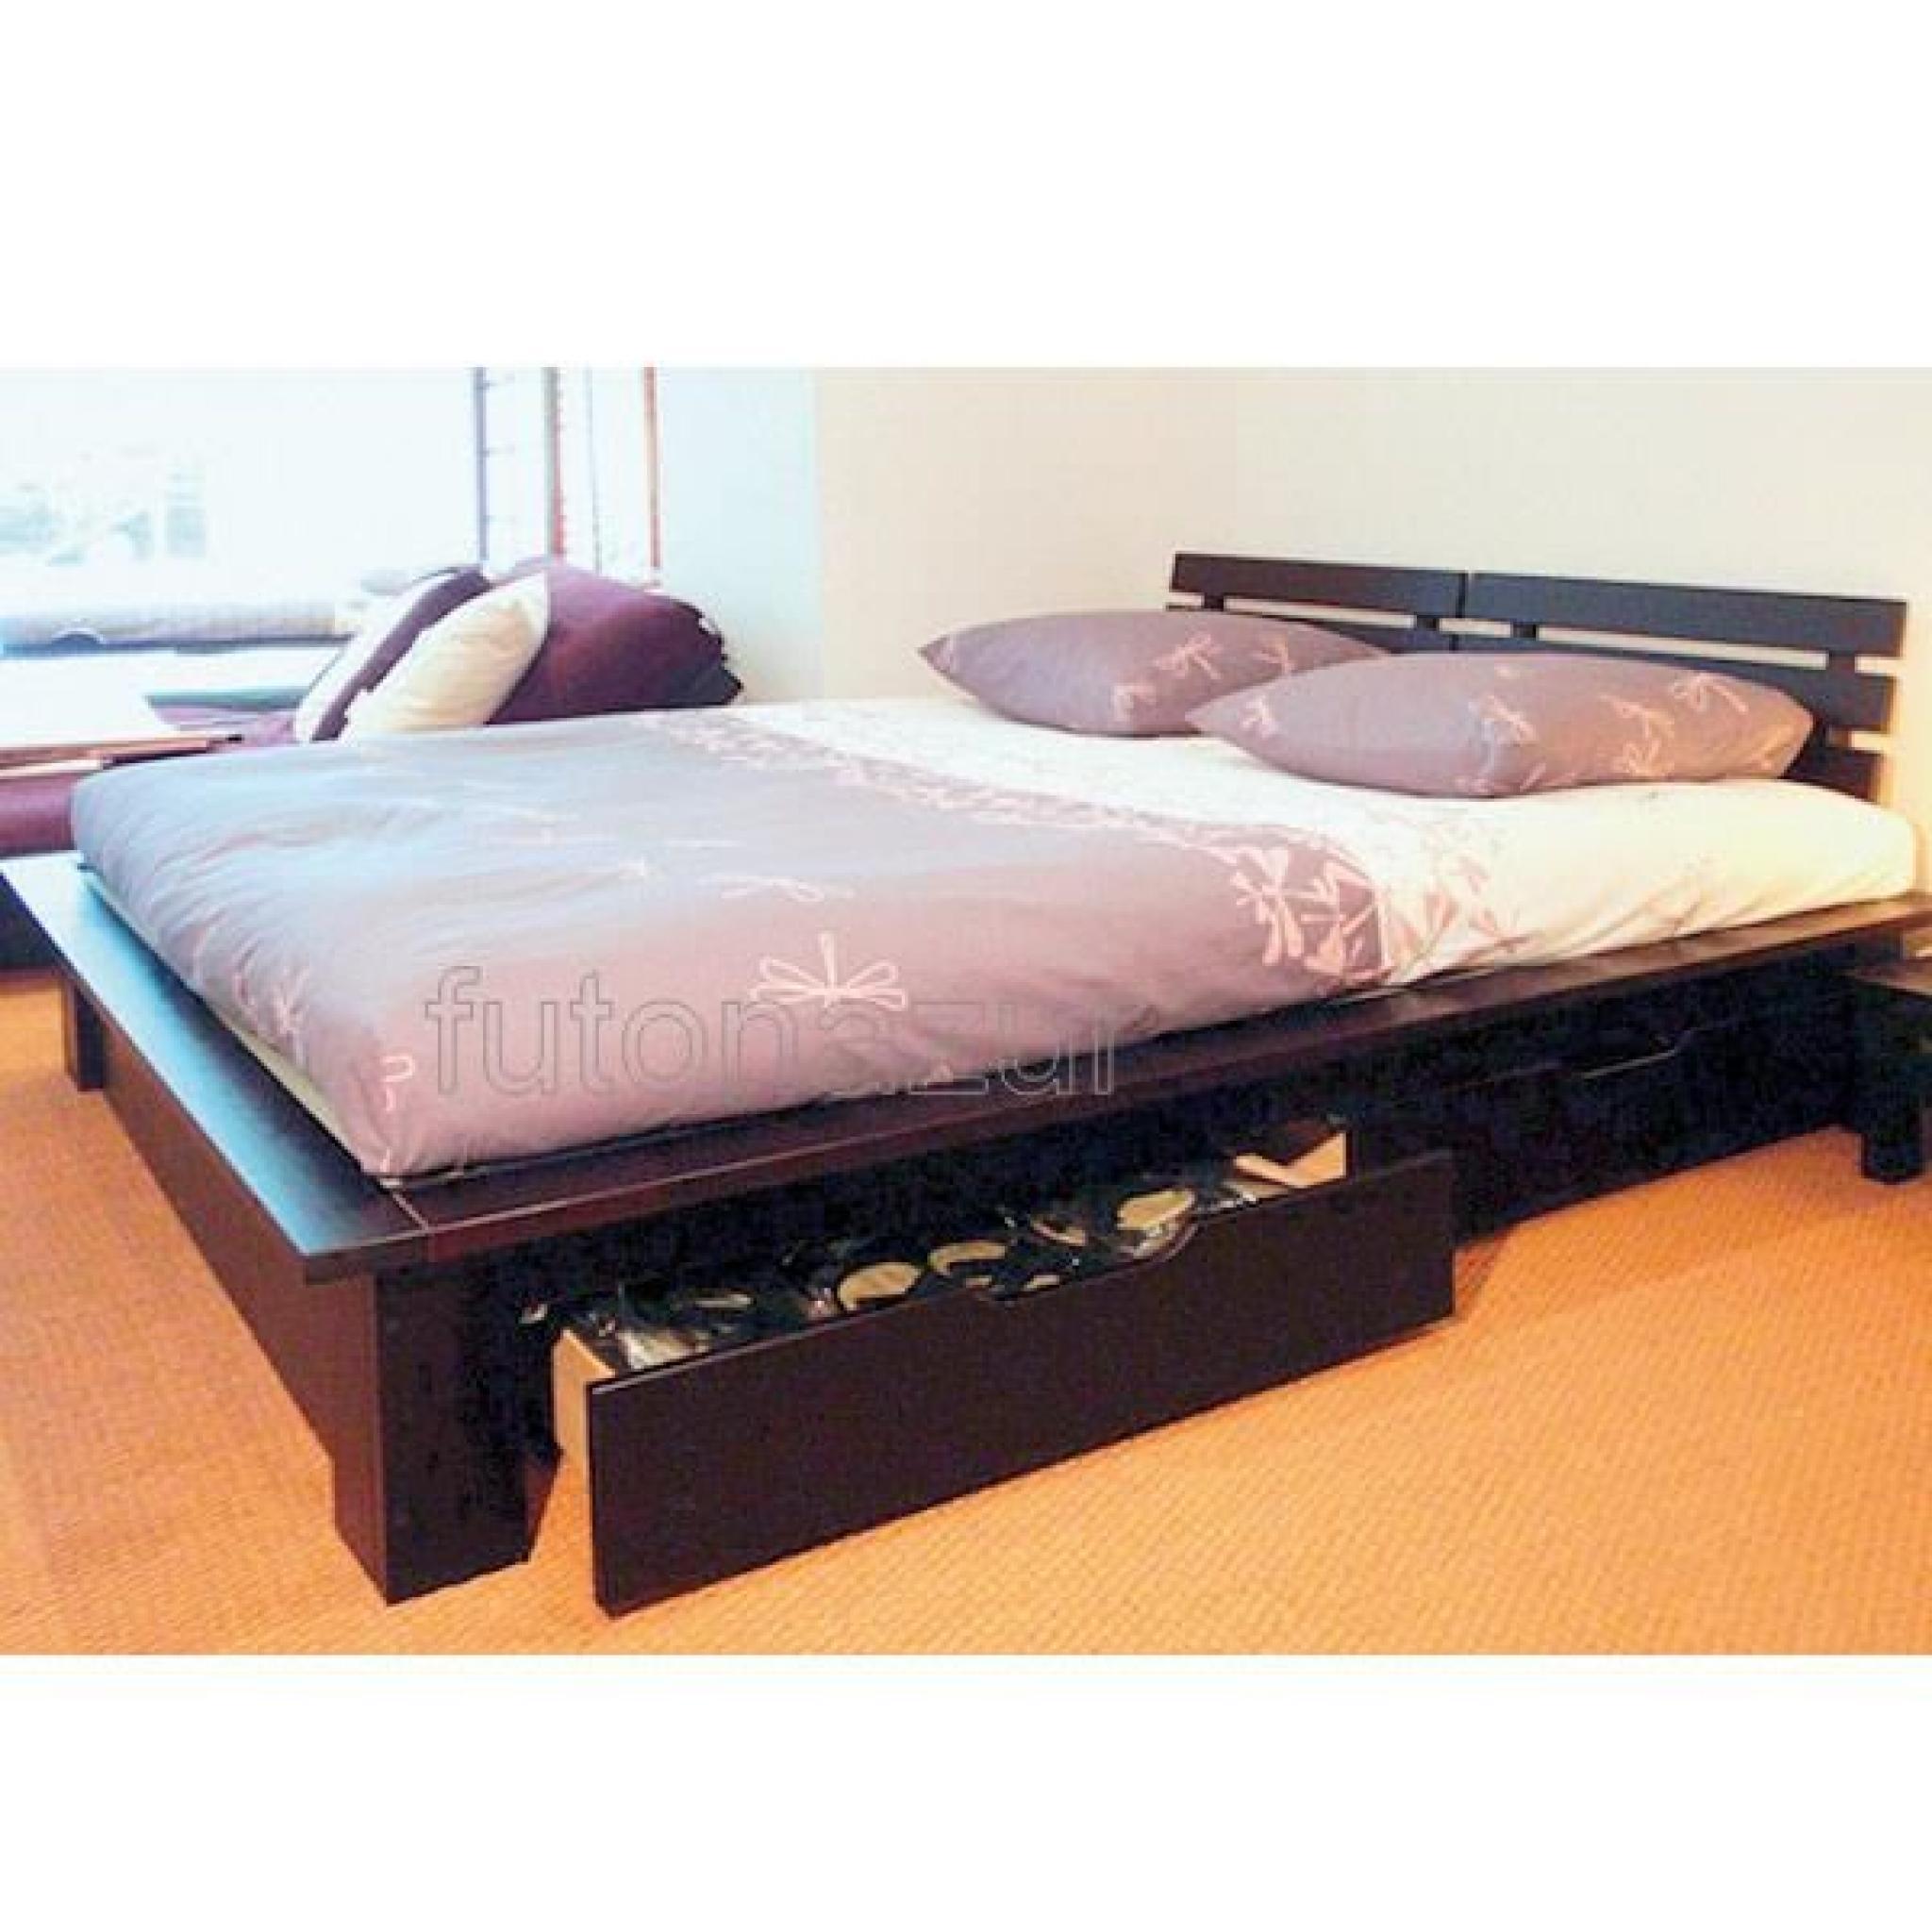 lit conptemporain avec rangement et matelas futon achat vente lit pas cher couleur et. Black Bedroom Furniture Sets. Home Design Ideas